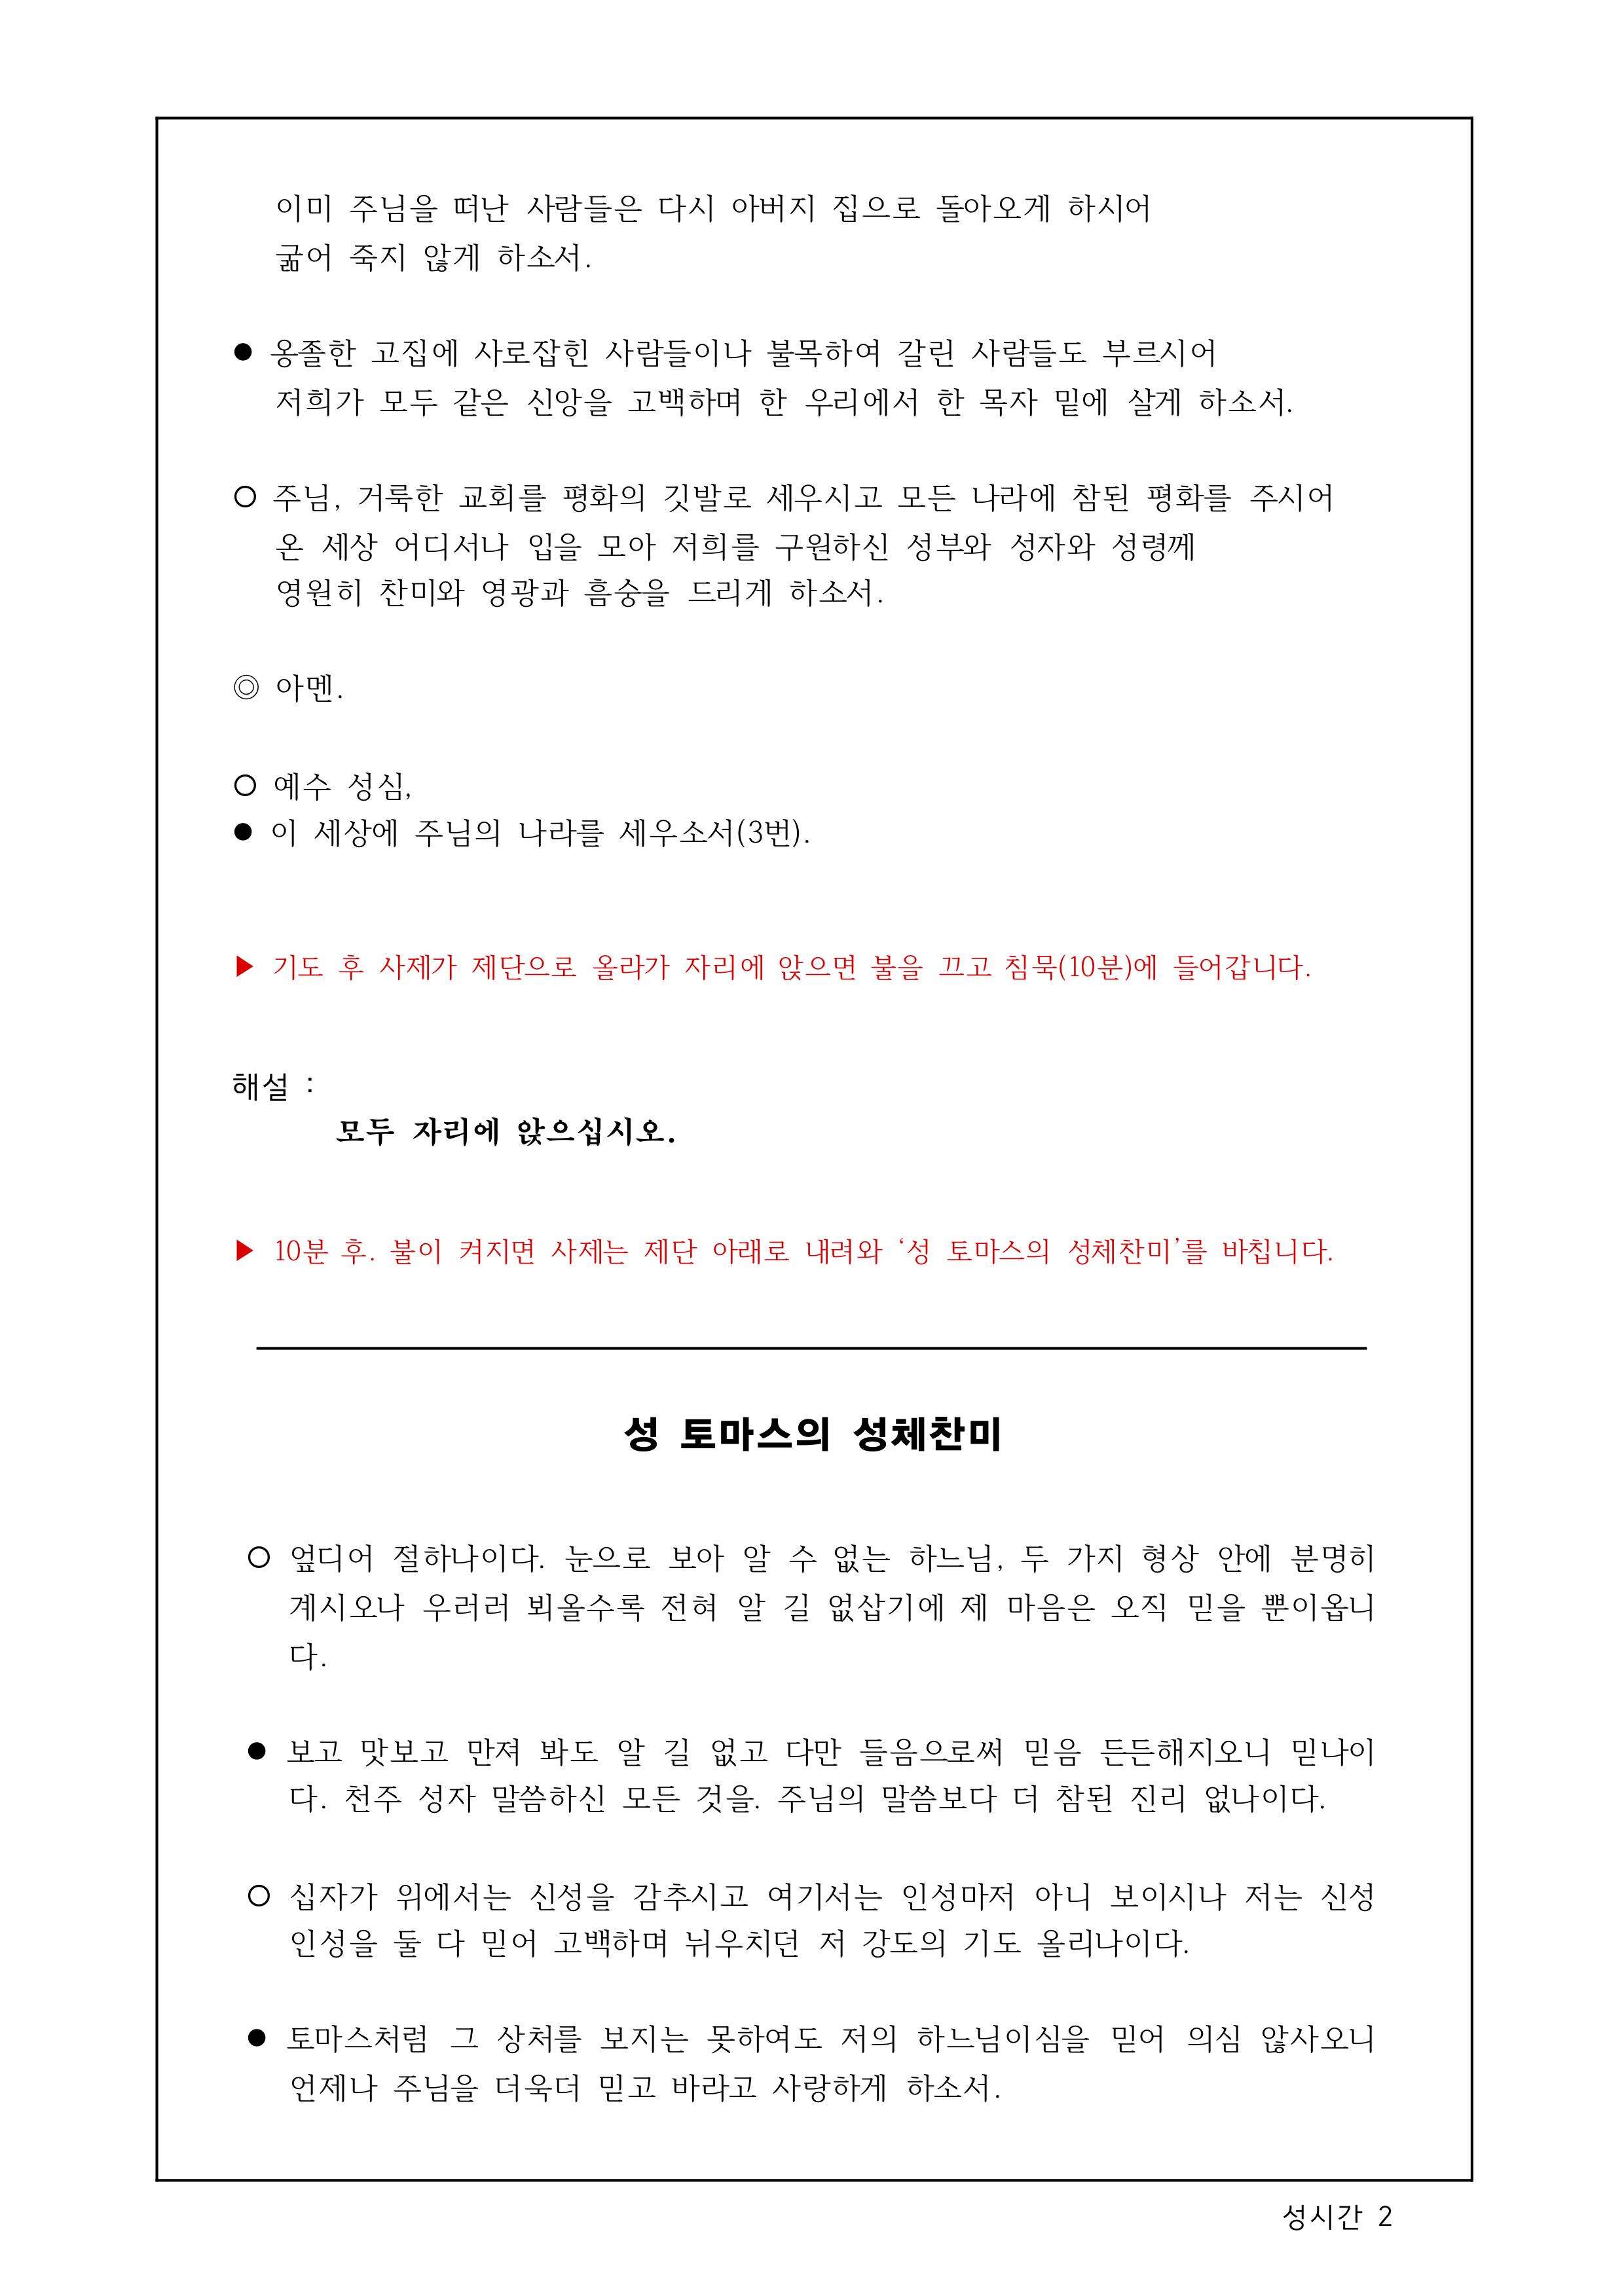 괴정성당 성시간(201909수정) 2.jpg